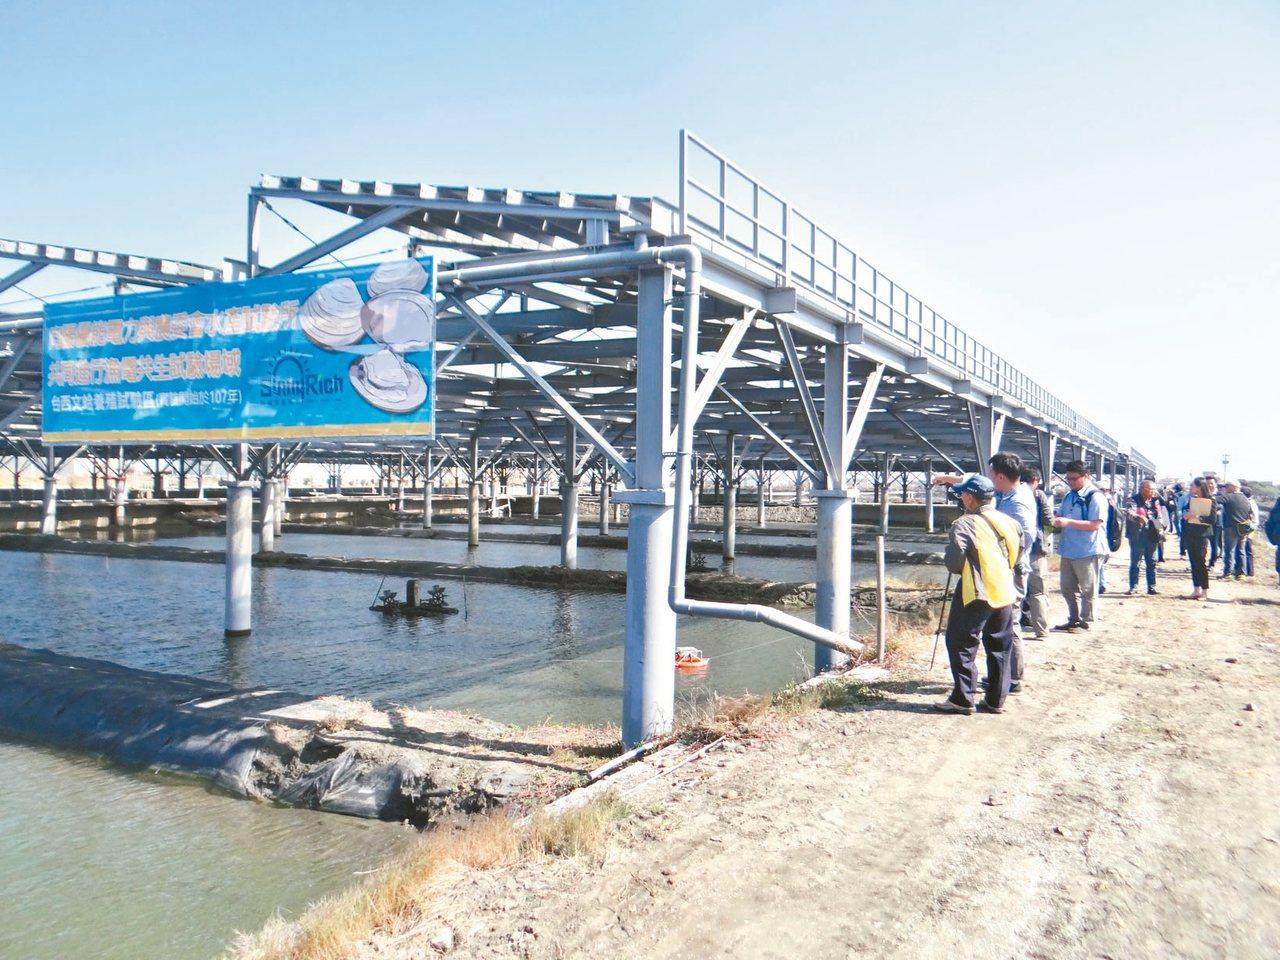 台西漁電共生試驗場採立柱光電,可大幅改善現有的養殖環境和水質,試驗養殖成功。 記...